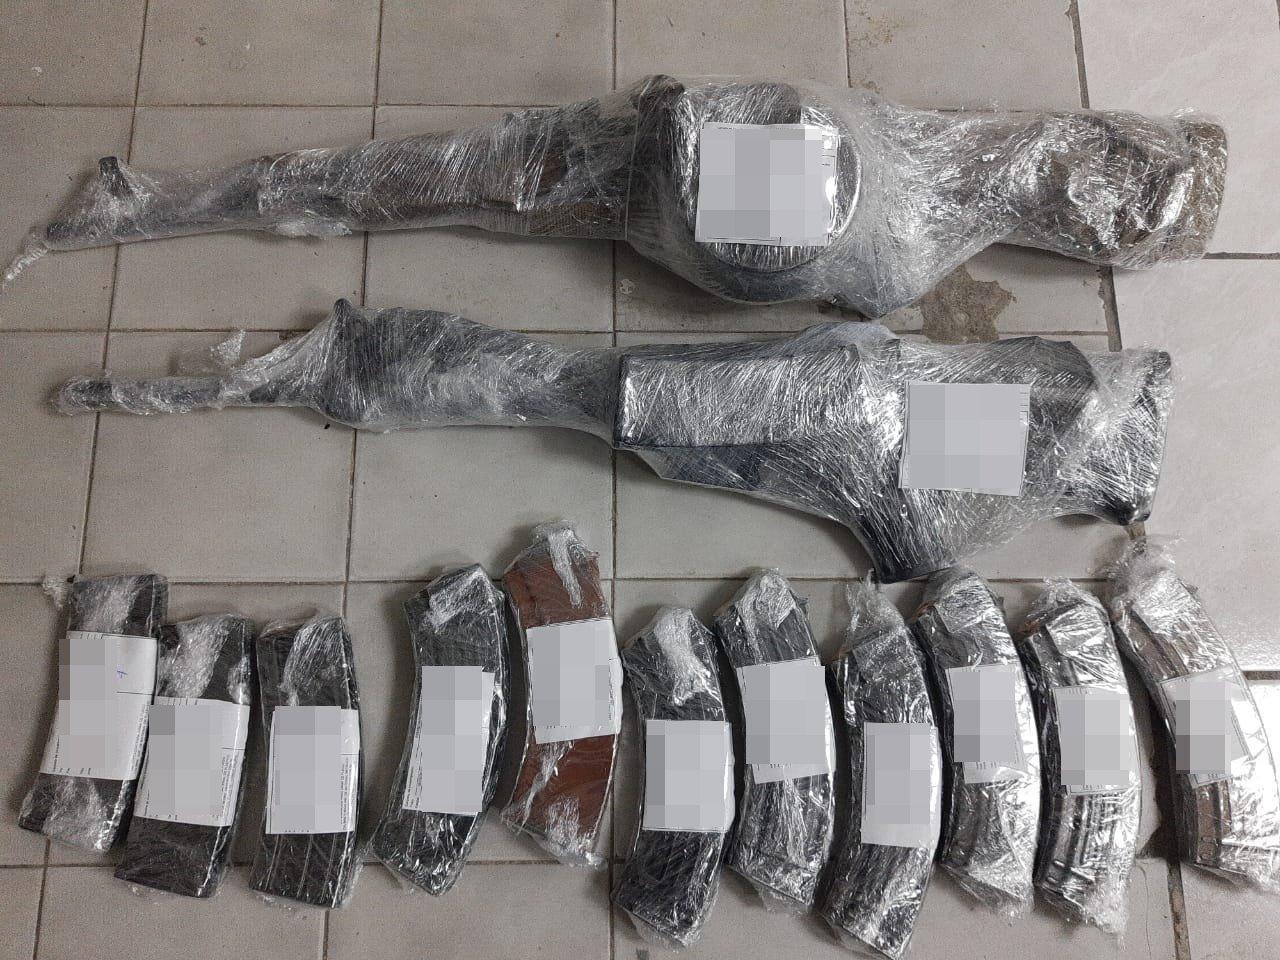 Sonoran Arrests